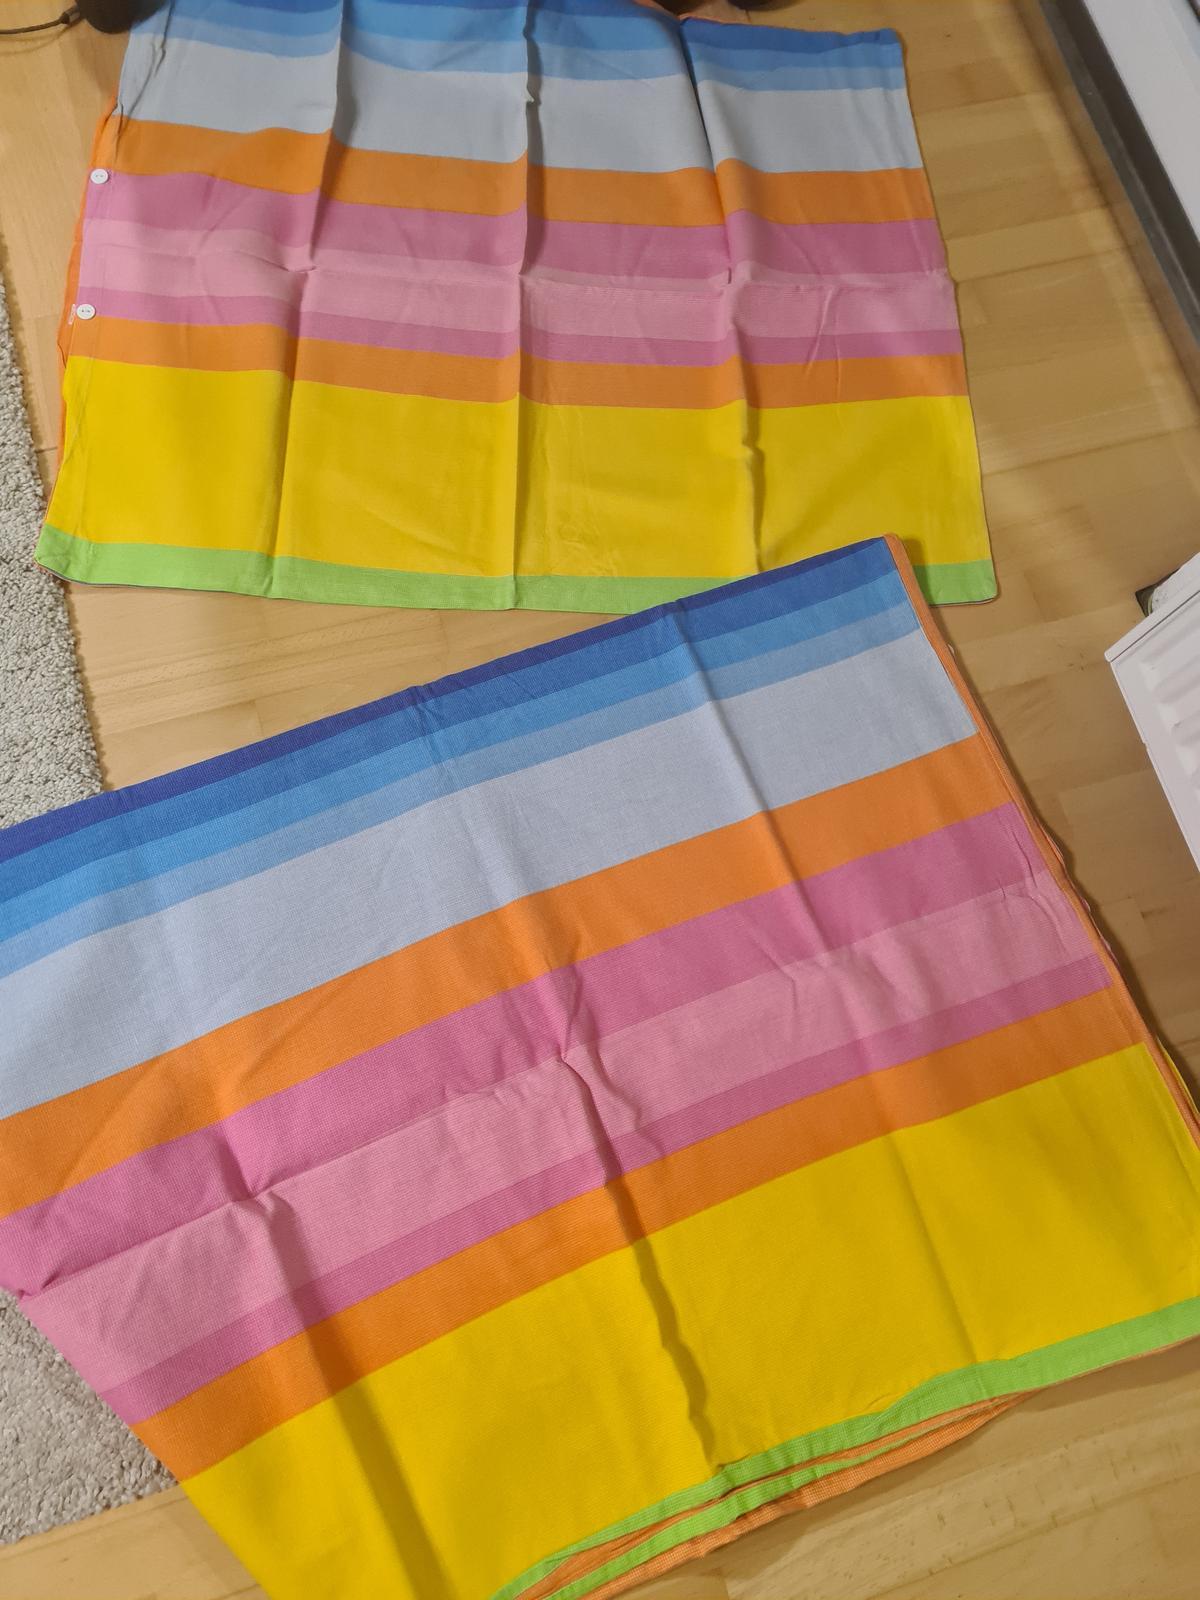 obliecky bavlnene rozmer 83 x 67 a 135 x 185 - Obrázok č. 1